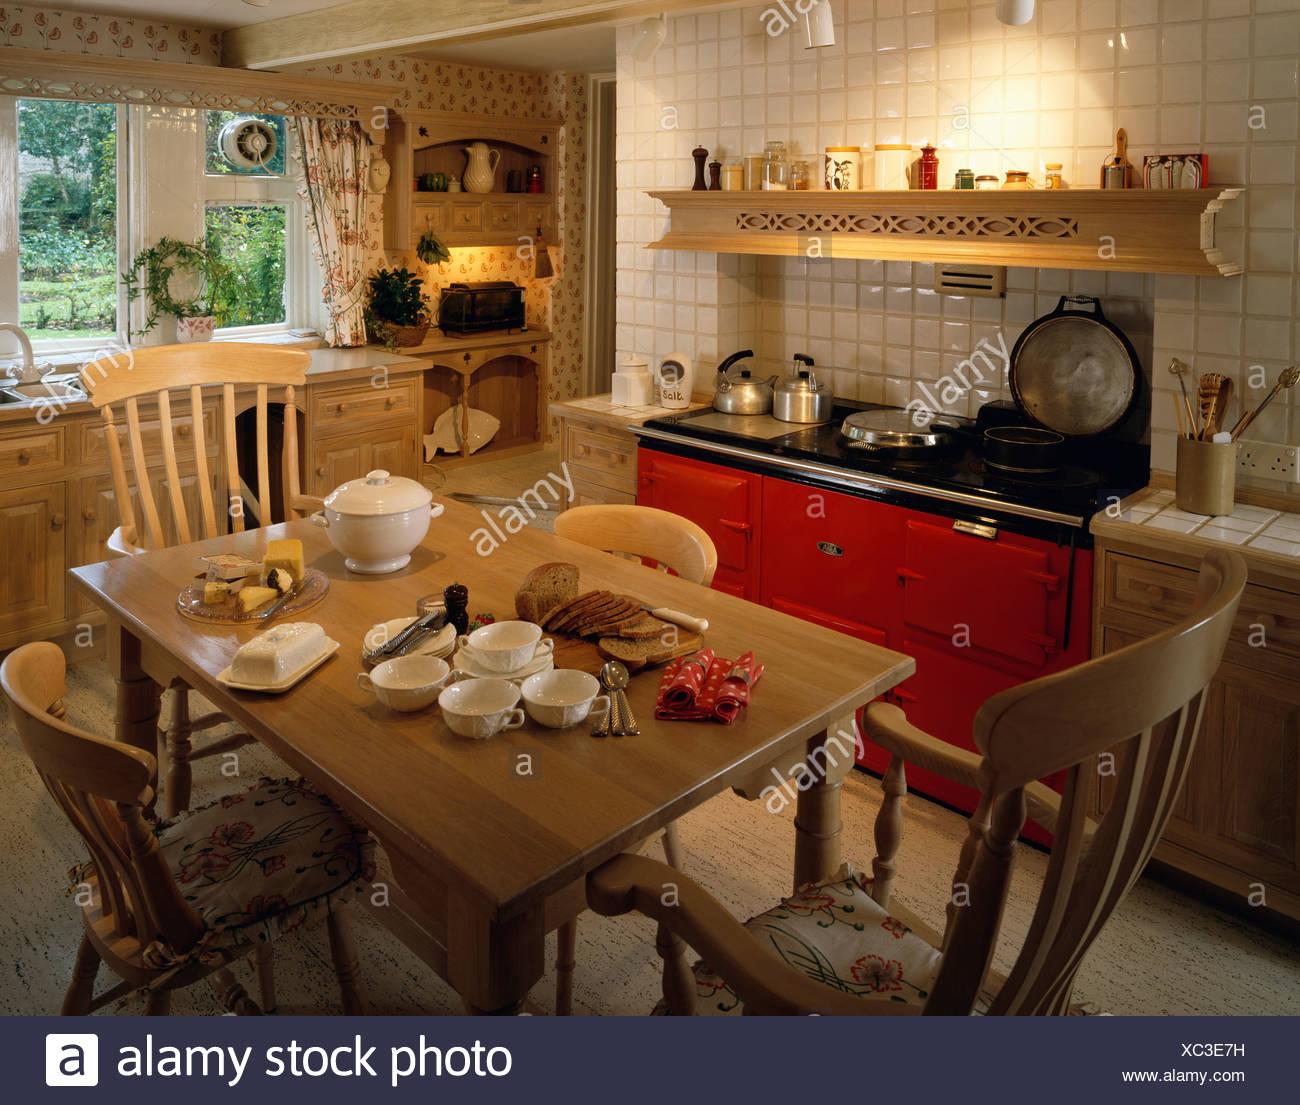 Fantastisch Deko Ideen Alte Bauernküche Bilder - Ideen Für Die Küche ...